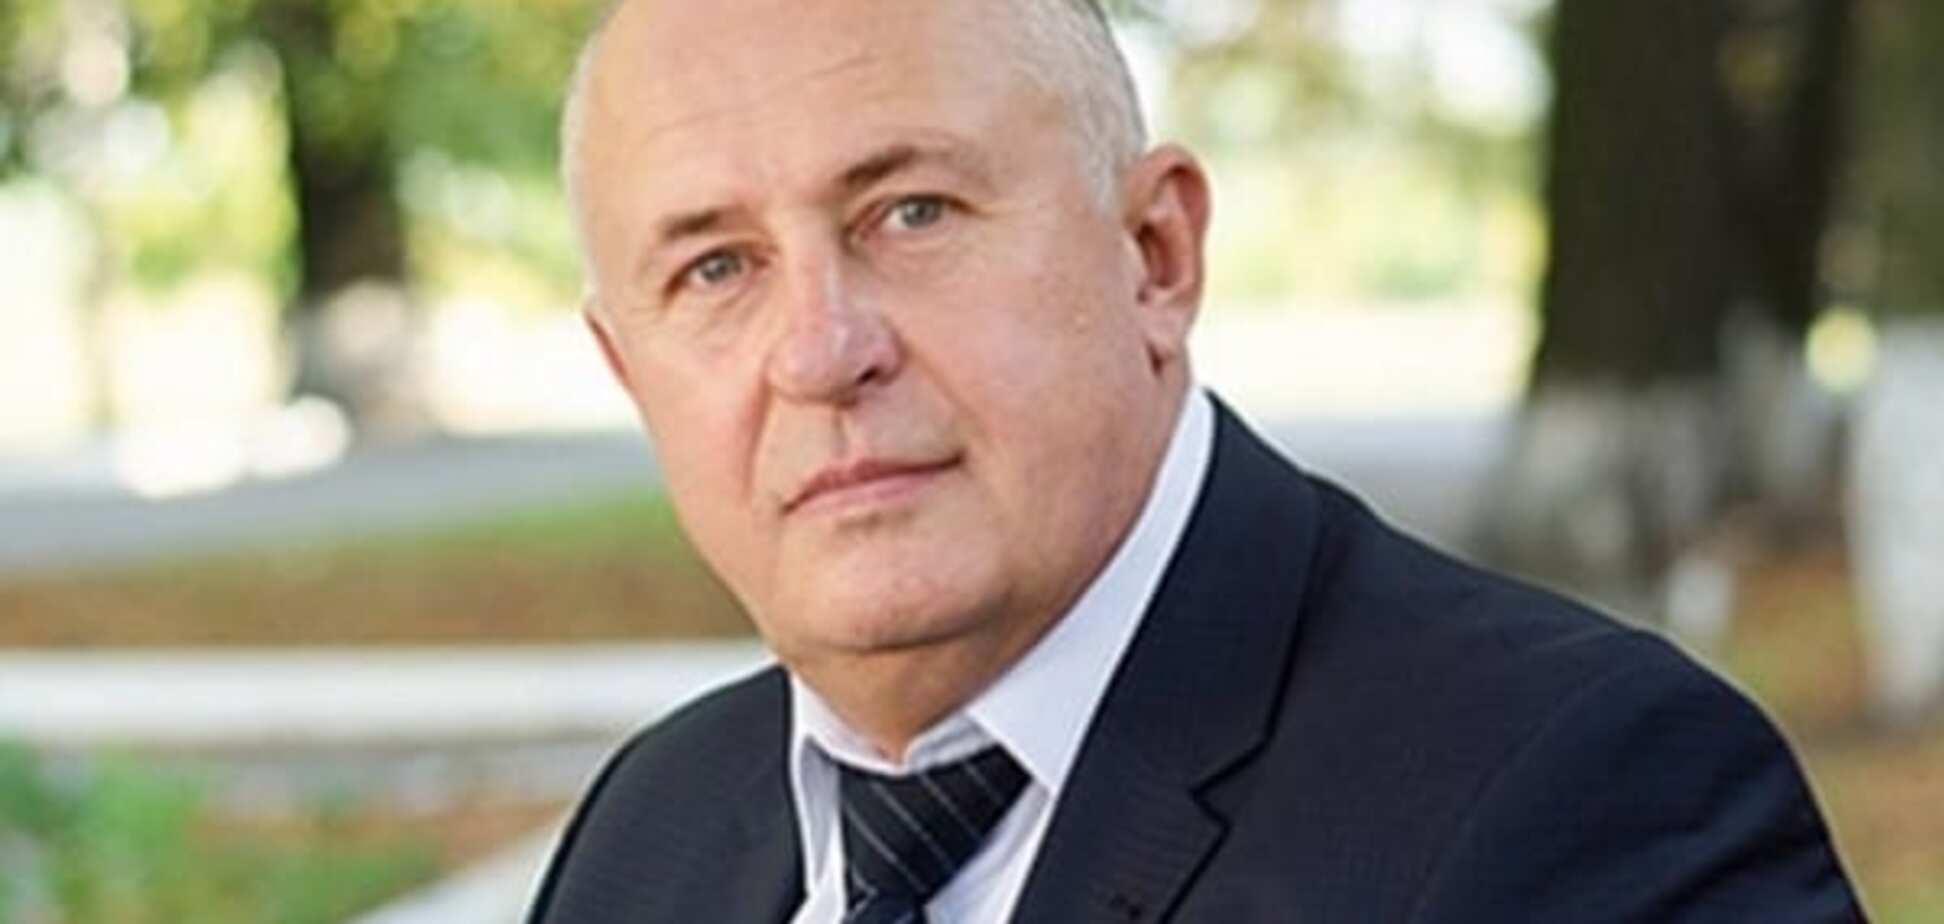 Мэр Лисичанска, которого уличили в коррупции, отделался небольшим штрафом